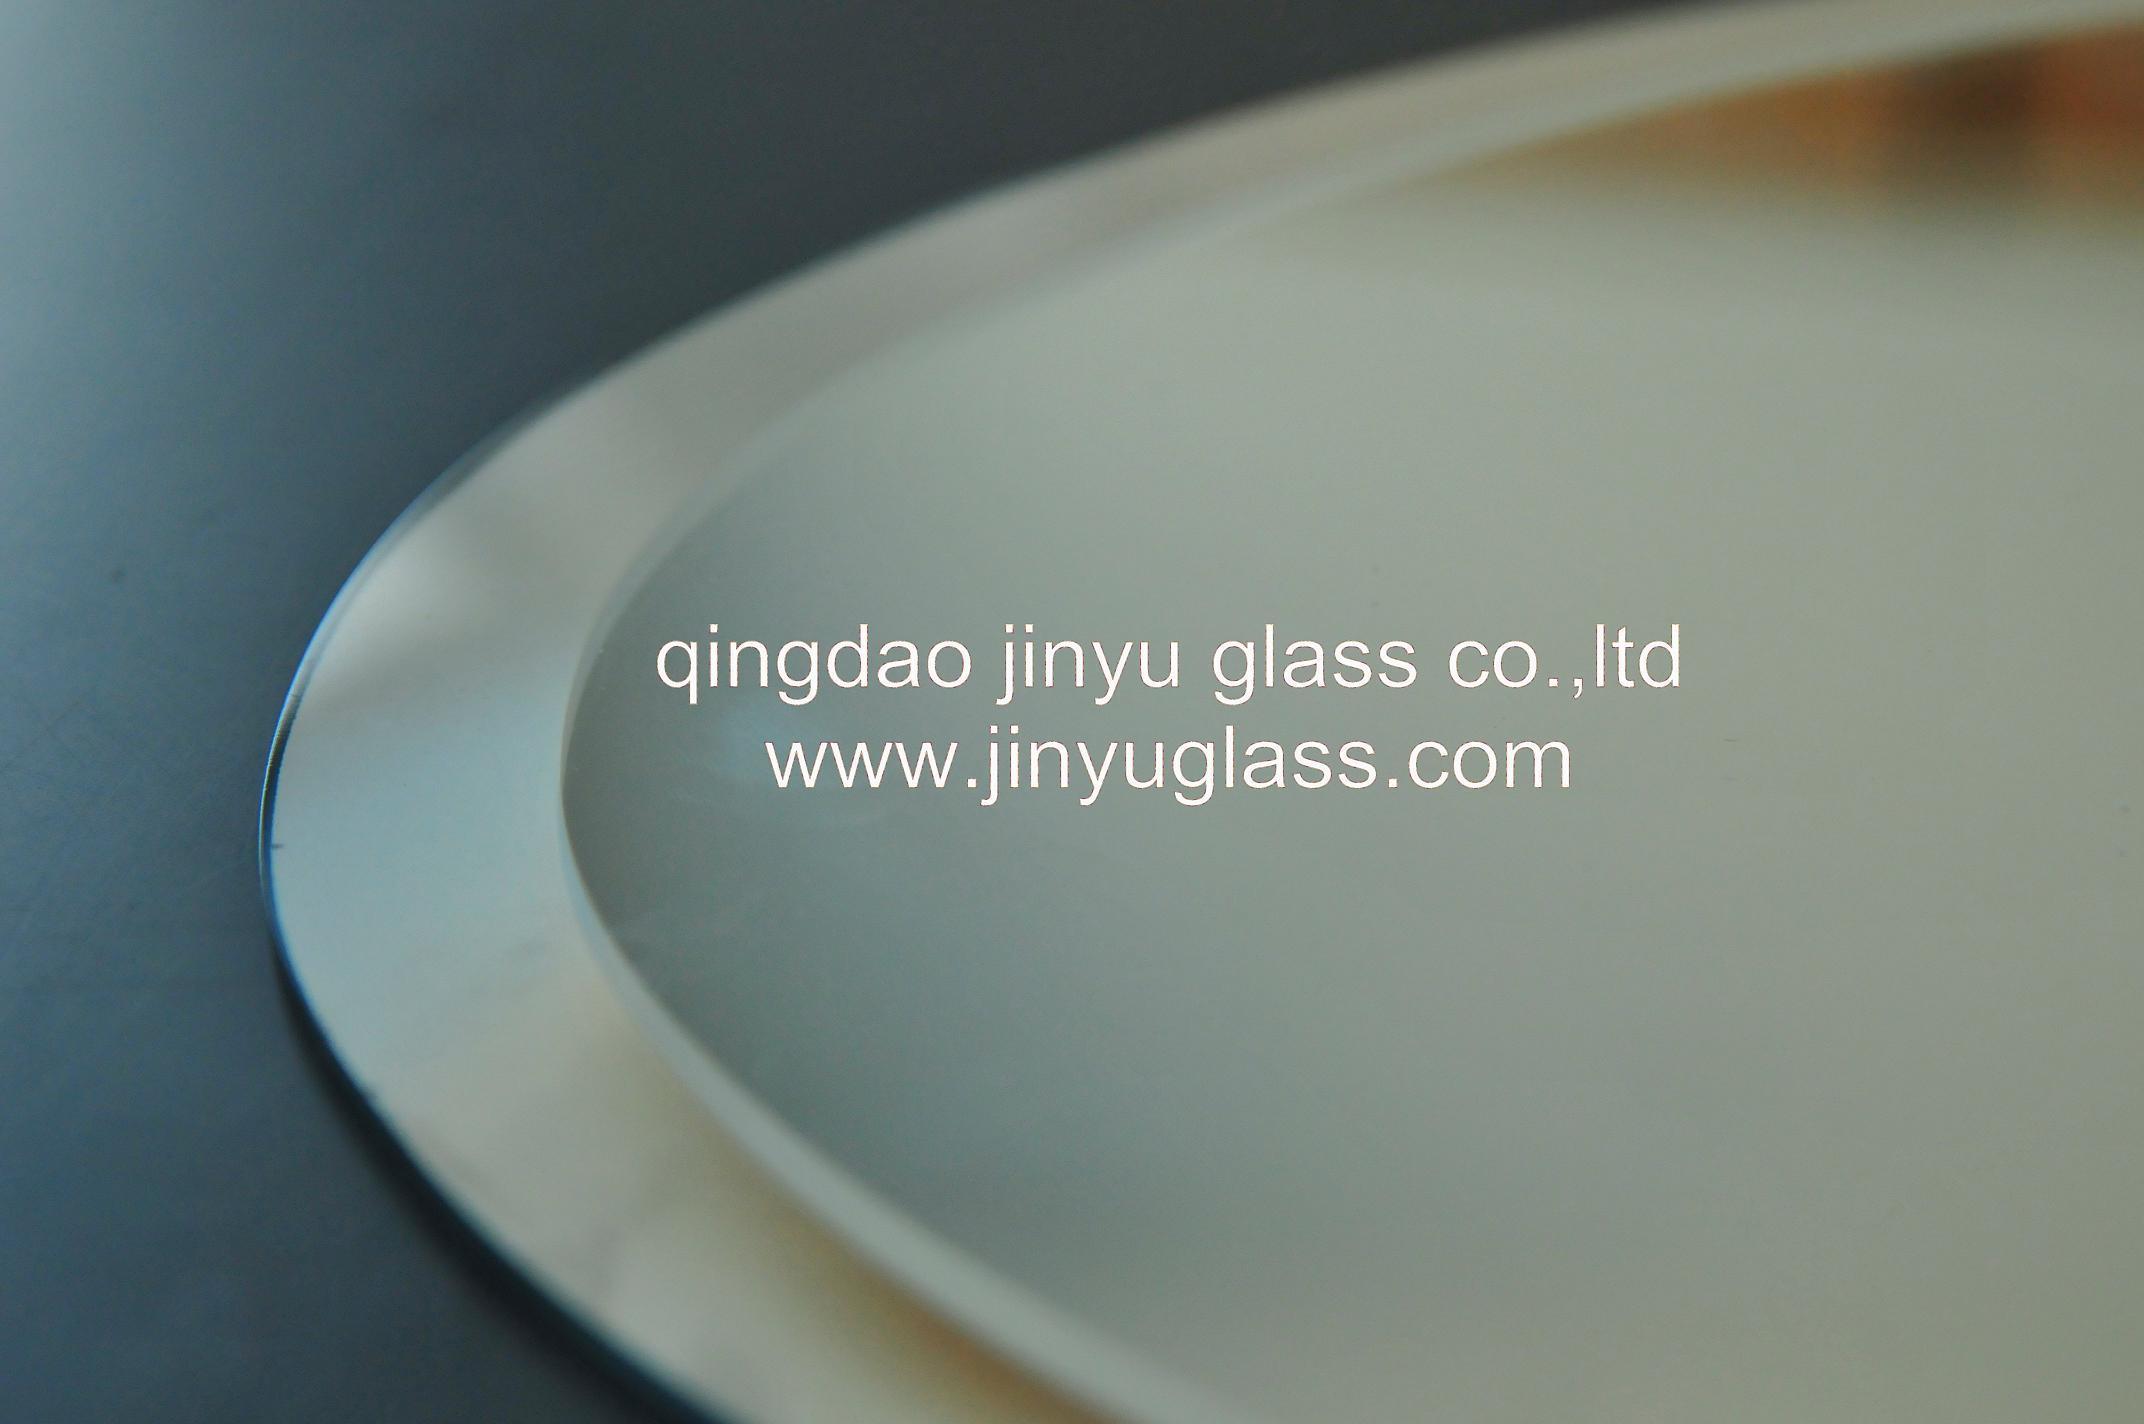 Espejo de plata con los bordes biselados espejo de plata for Espejo con borde biselado